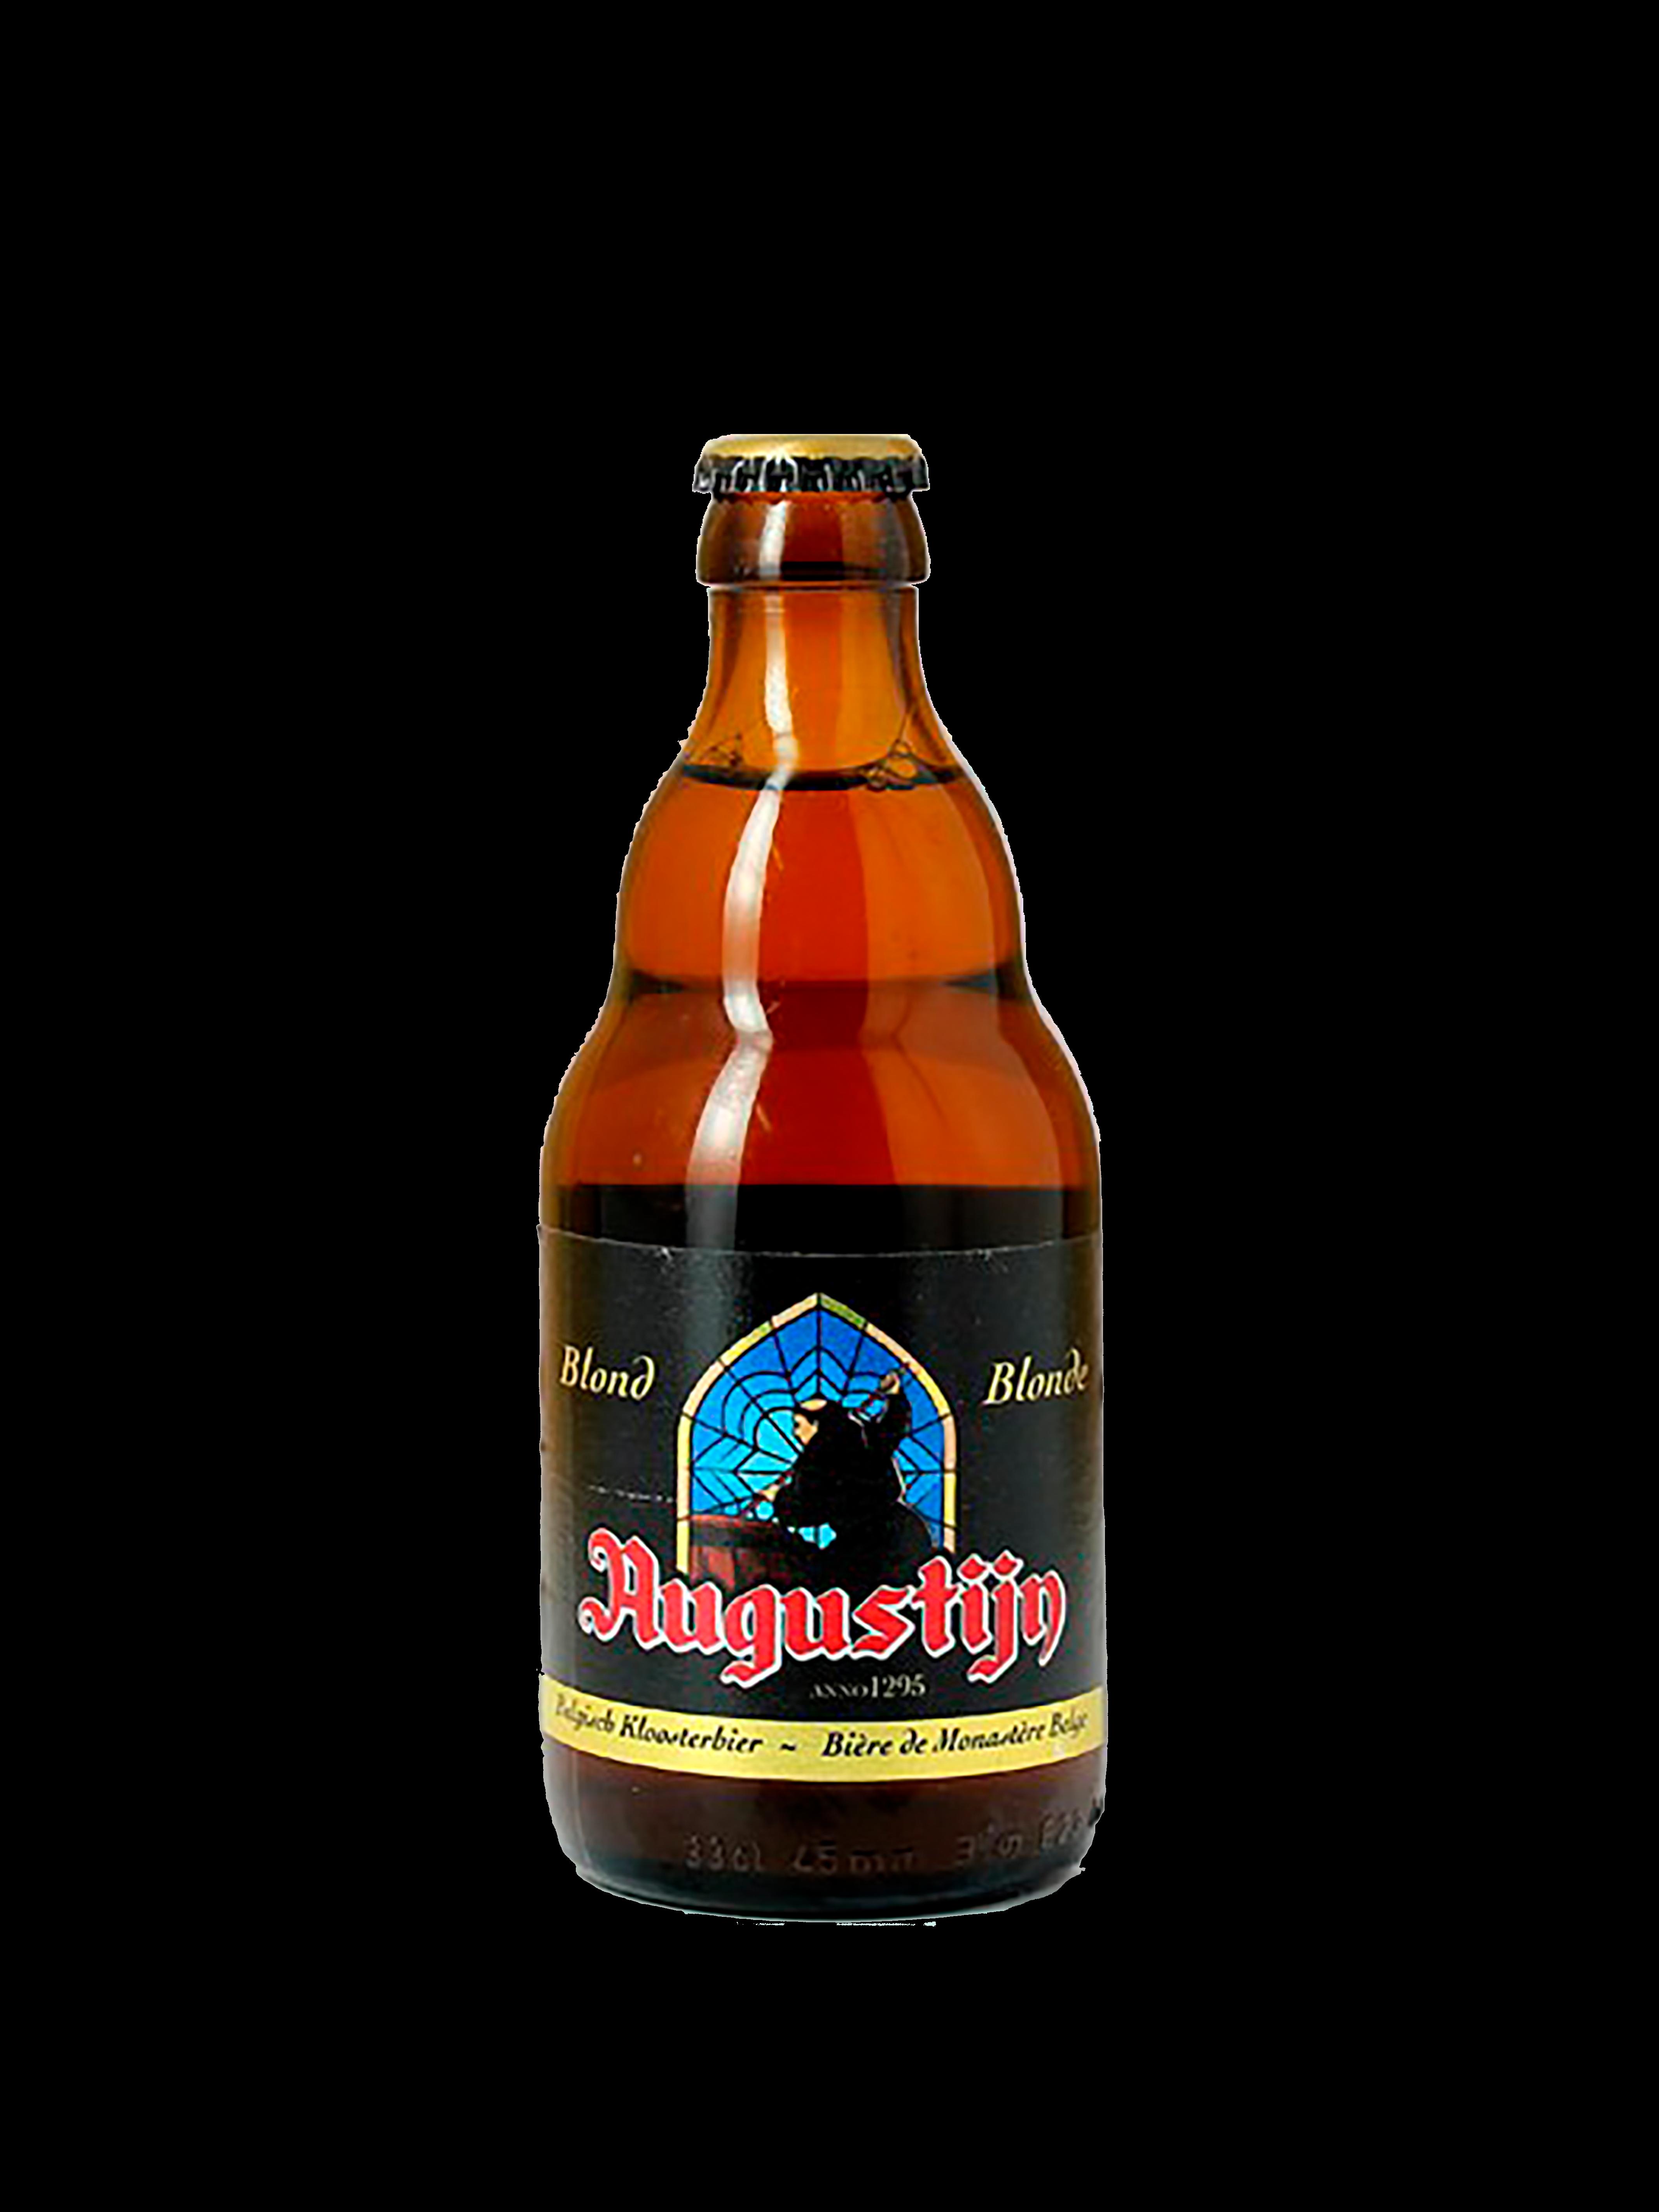 Bottiglia di birra tondeggiante con etichetta nera con nome della birra in rosso